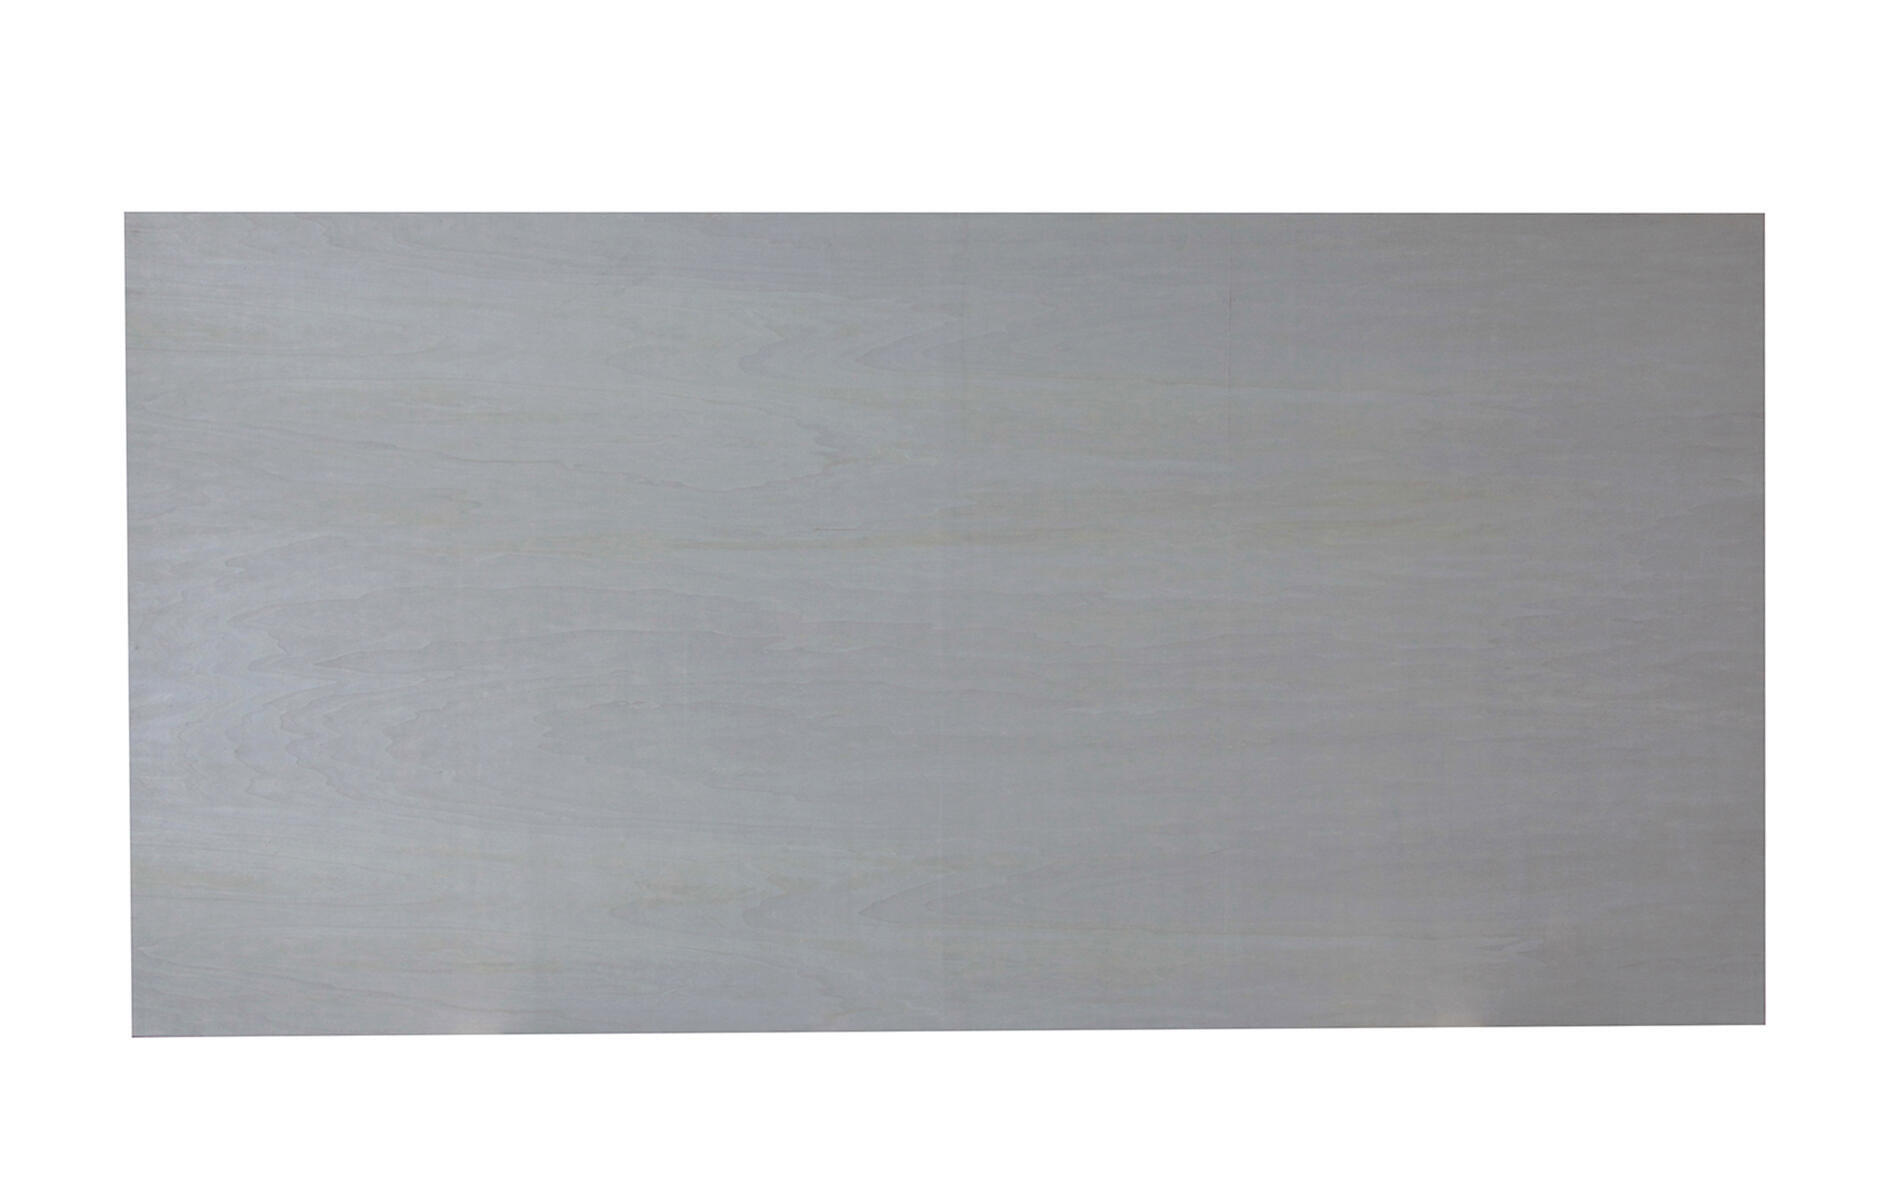 Pannello compensato pioppo L 244 x H 122 cm Sp 18 mm - 1